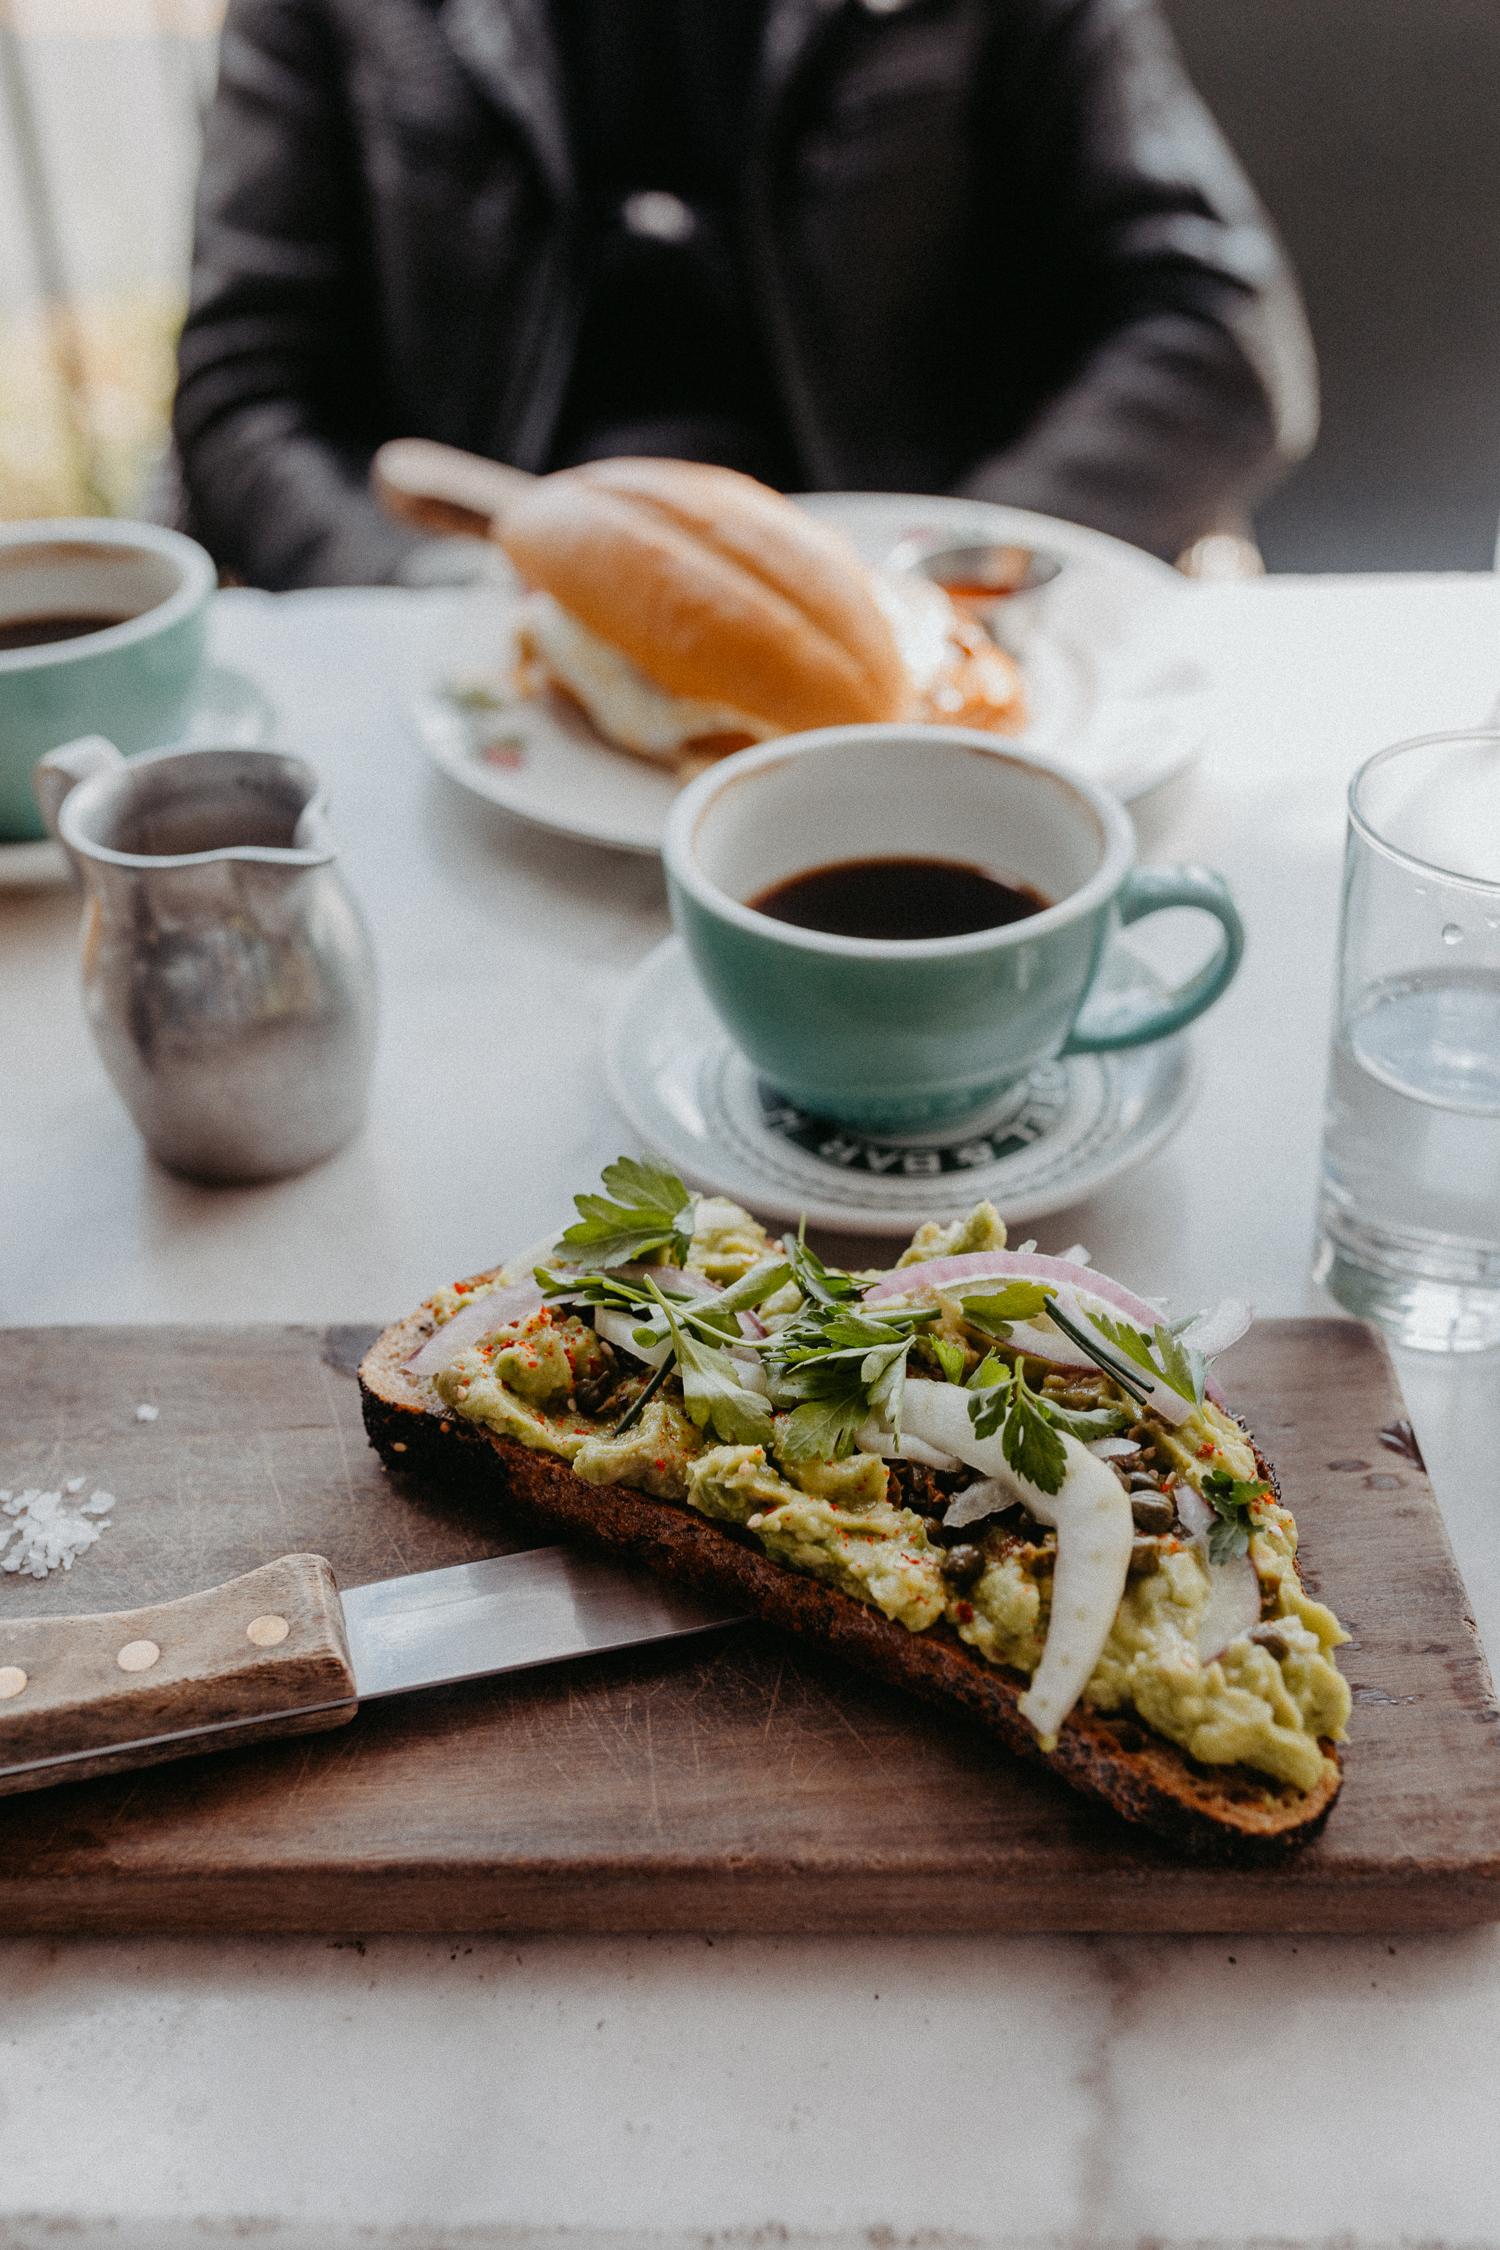 Meet Me For Breakfast in L.A.